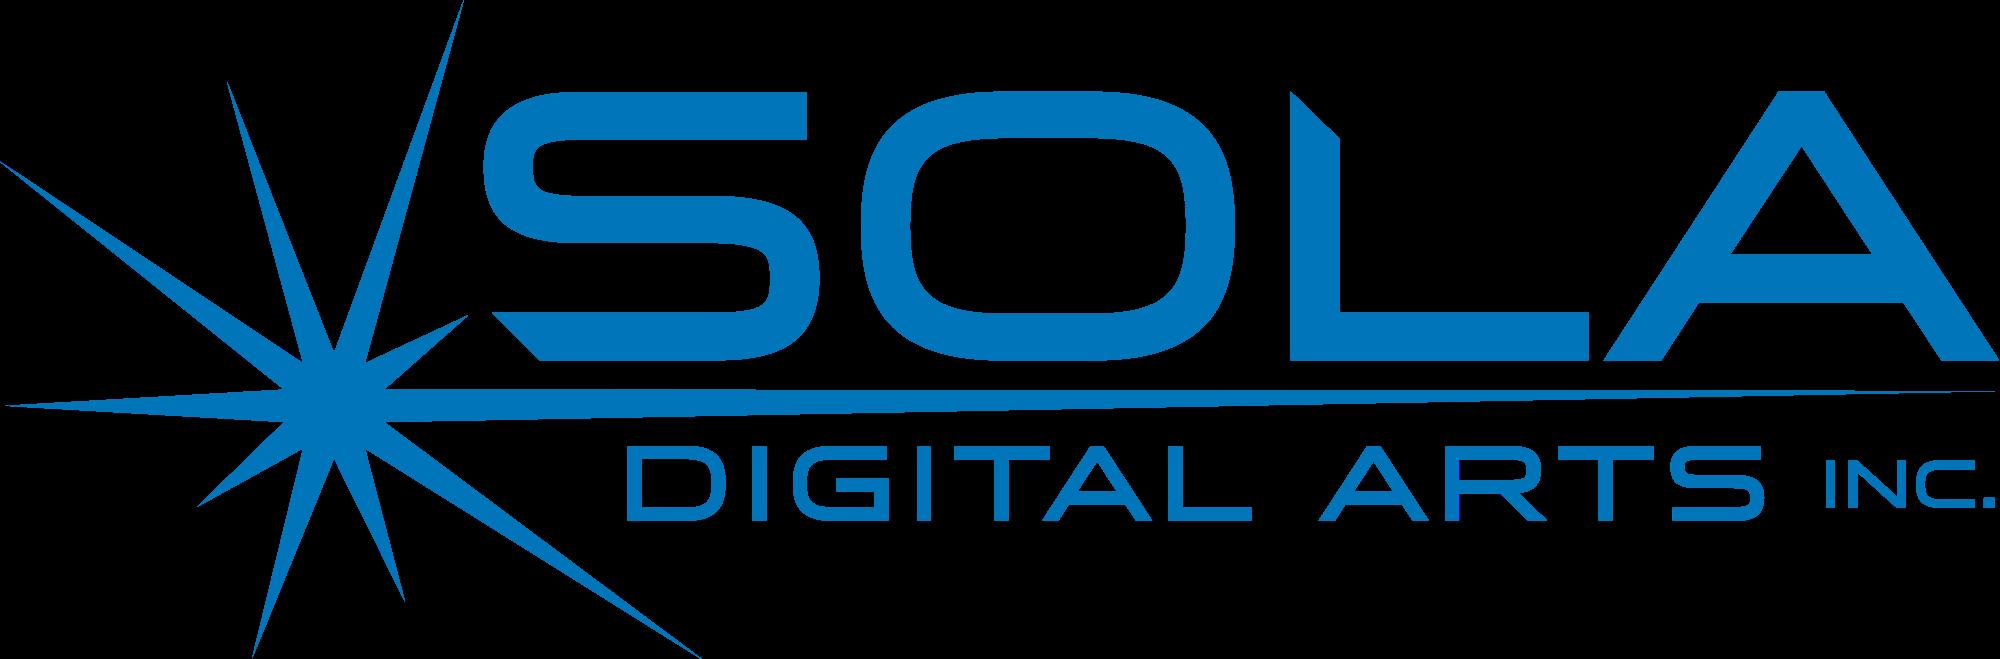 Sola Digital Arts